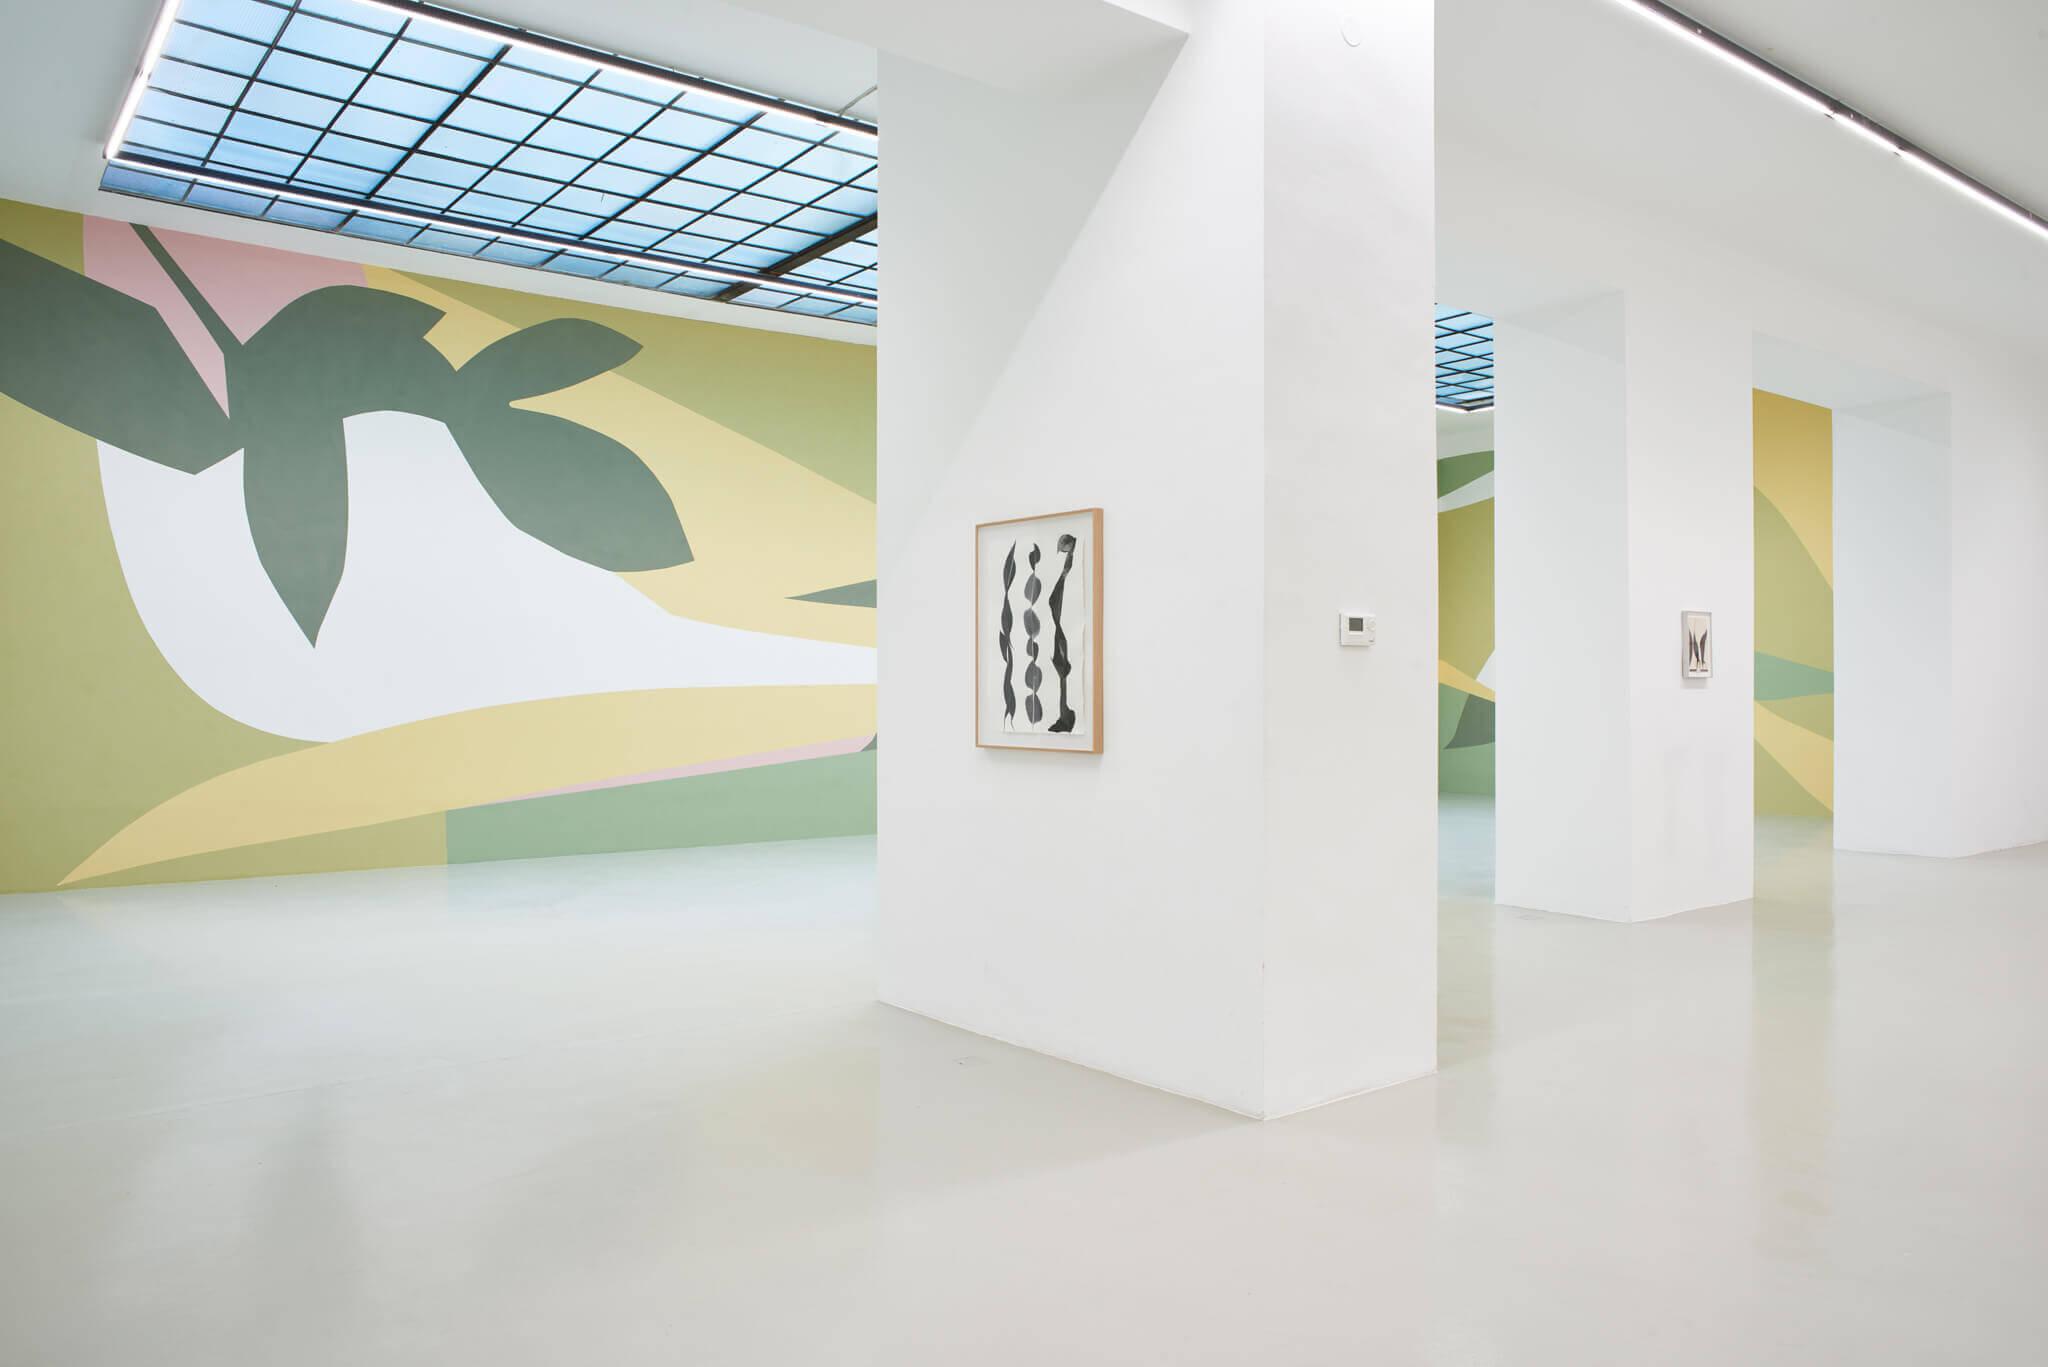 05_Frauke Dannert_Collage_Ausstellung_Folie_Galerie Lisa Kandlhofer_Wien_2018